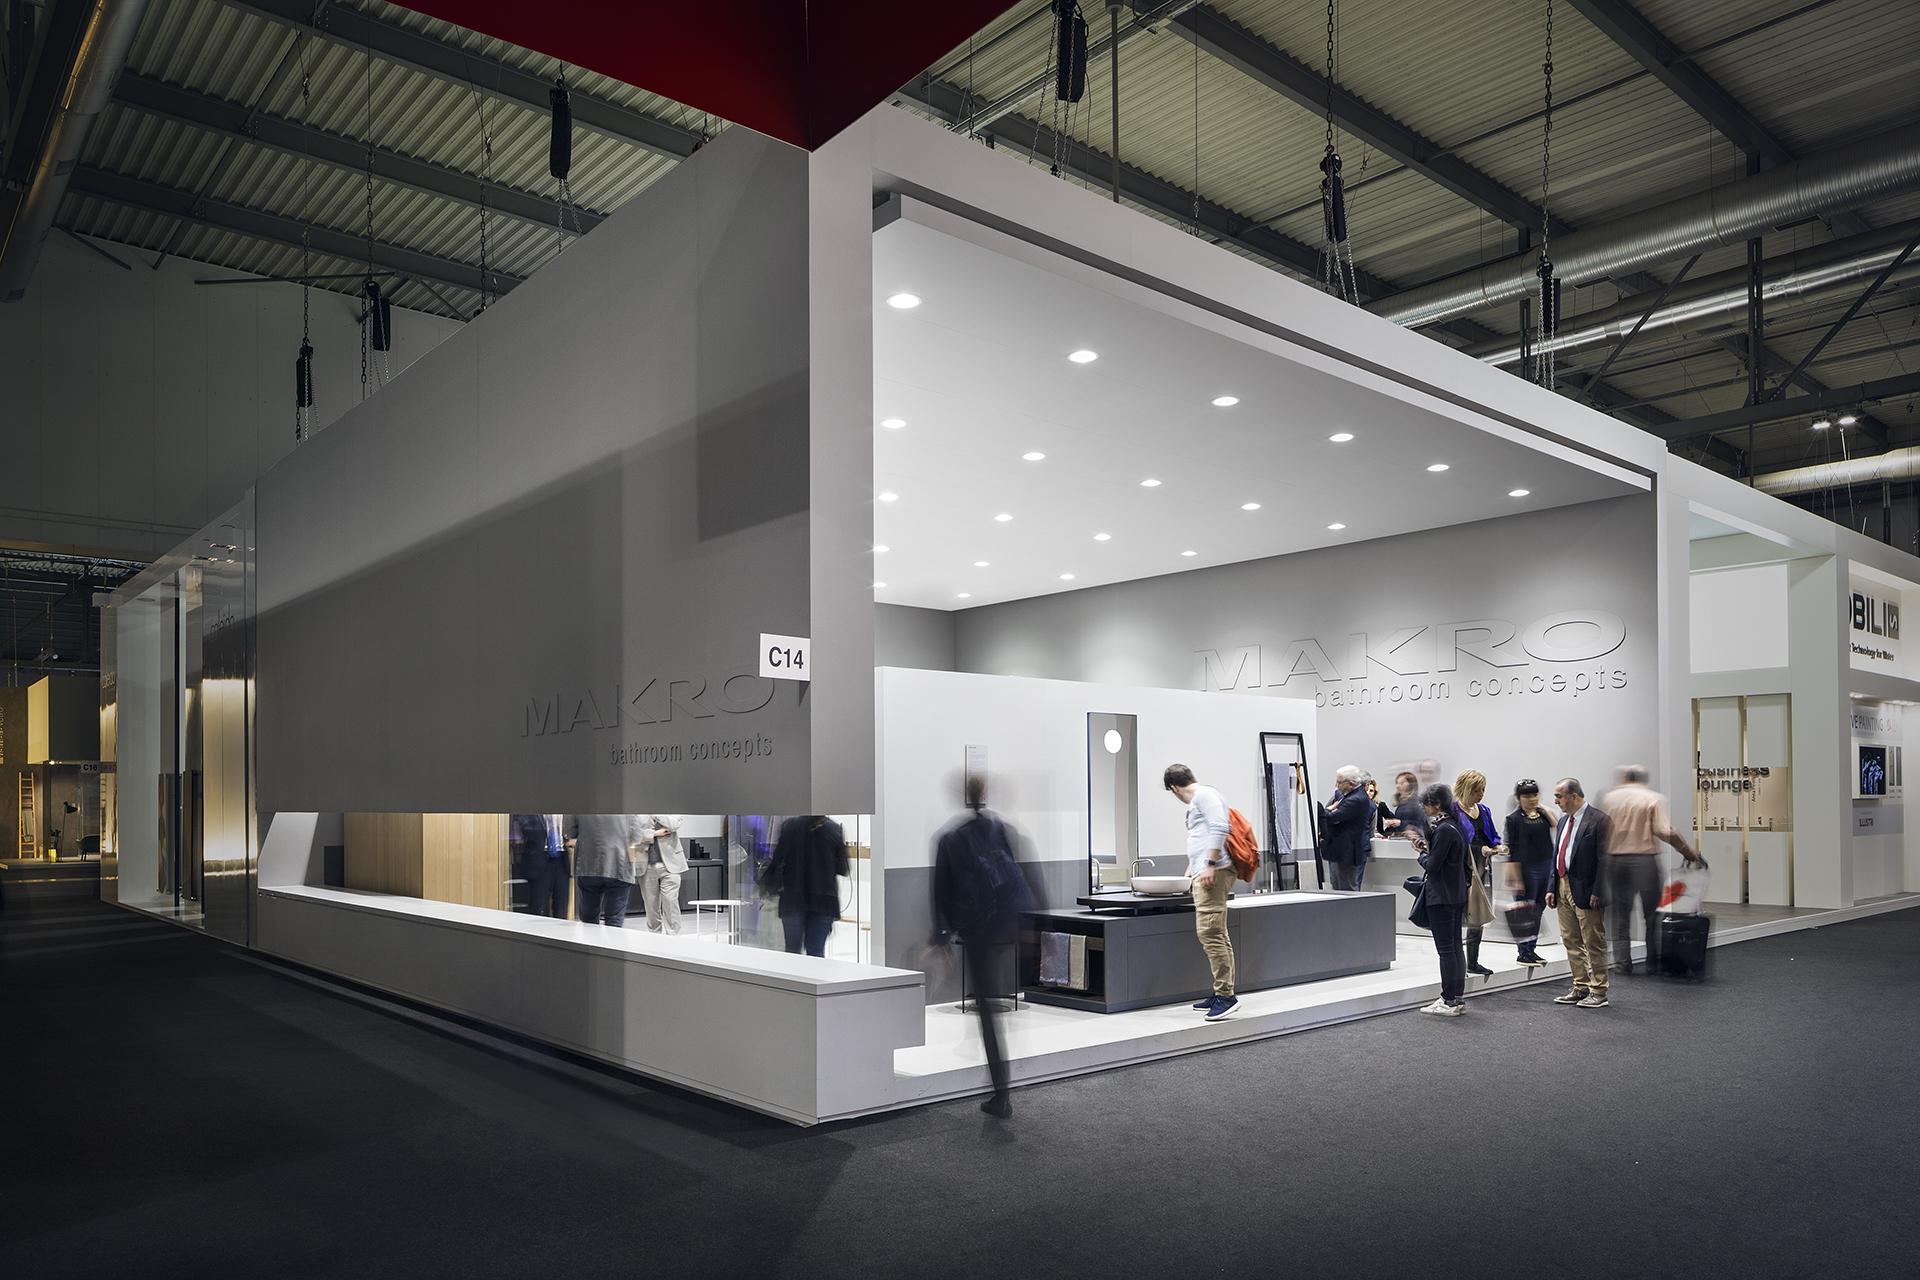 Makro salone del mobile studio marco taietta for Orari salone del mobile 2016